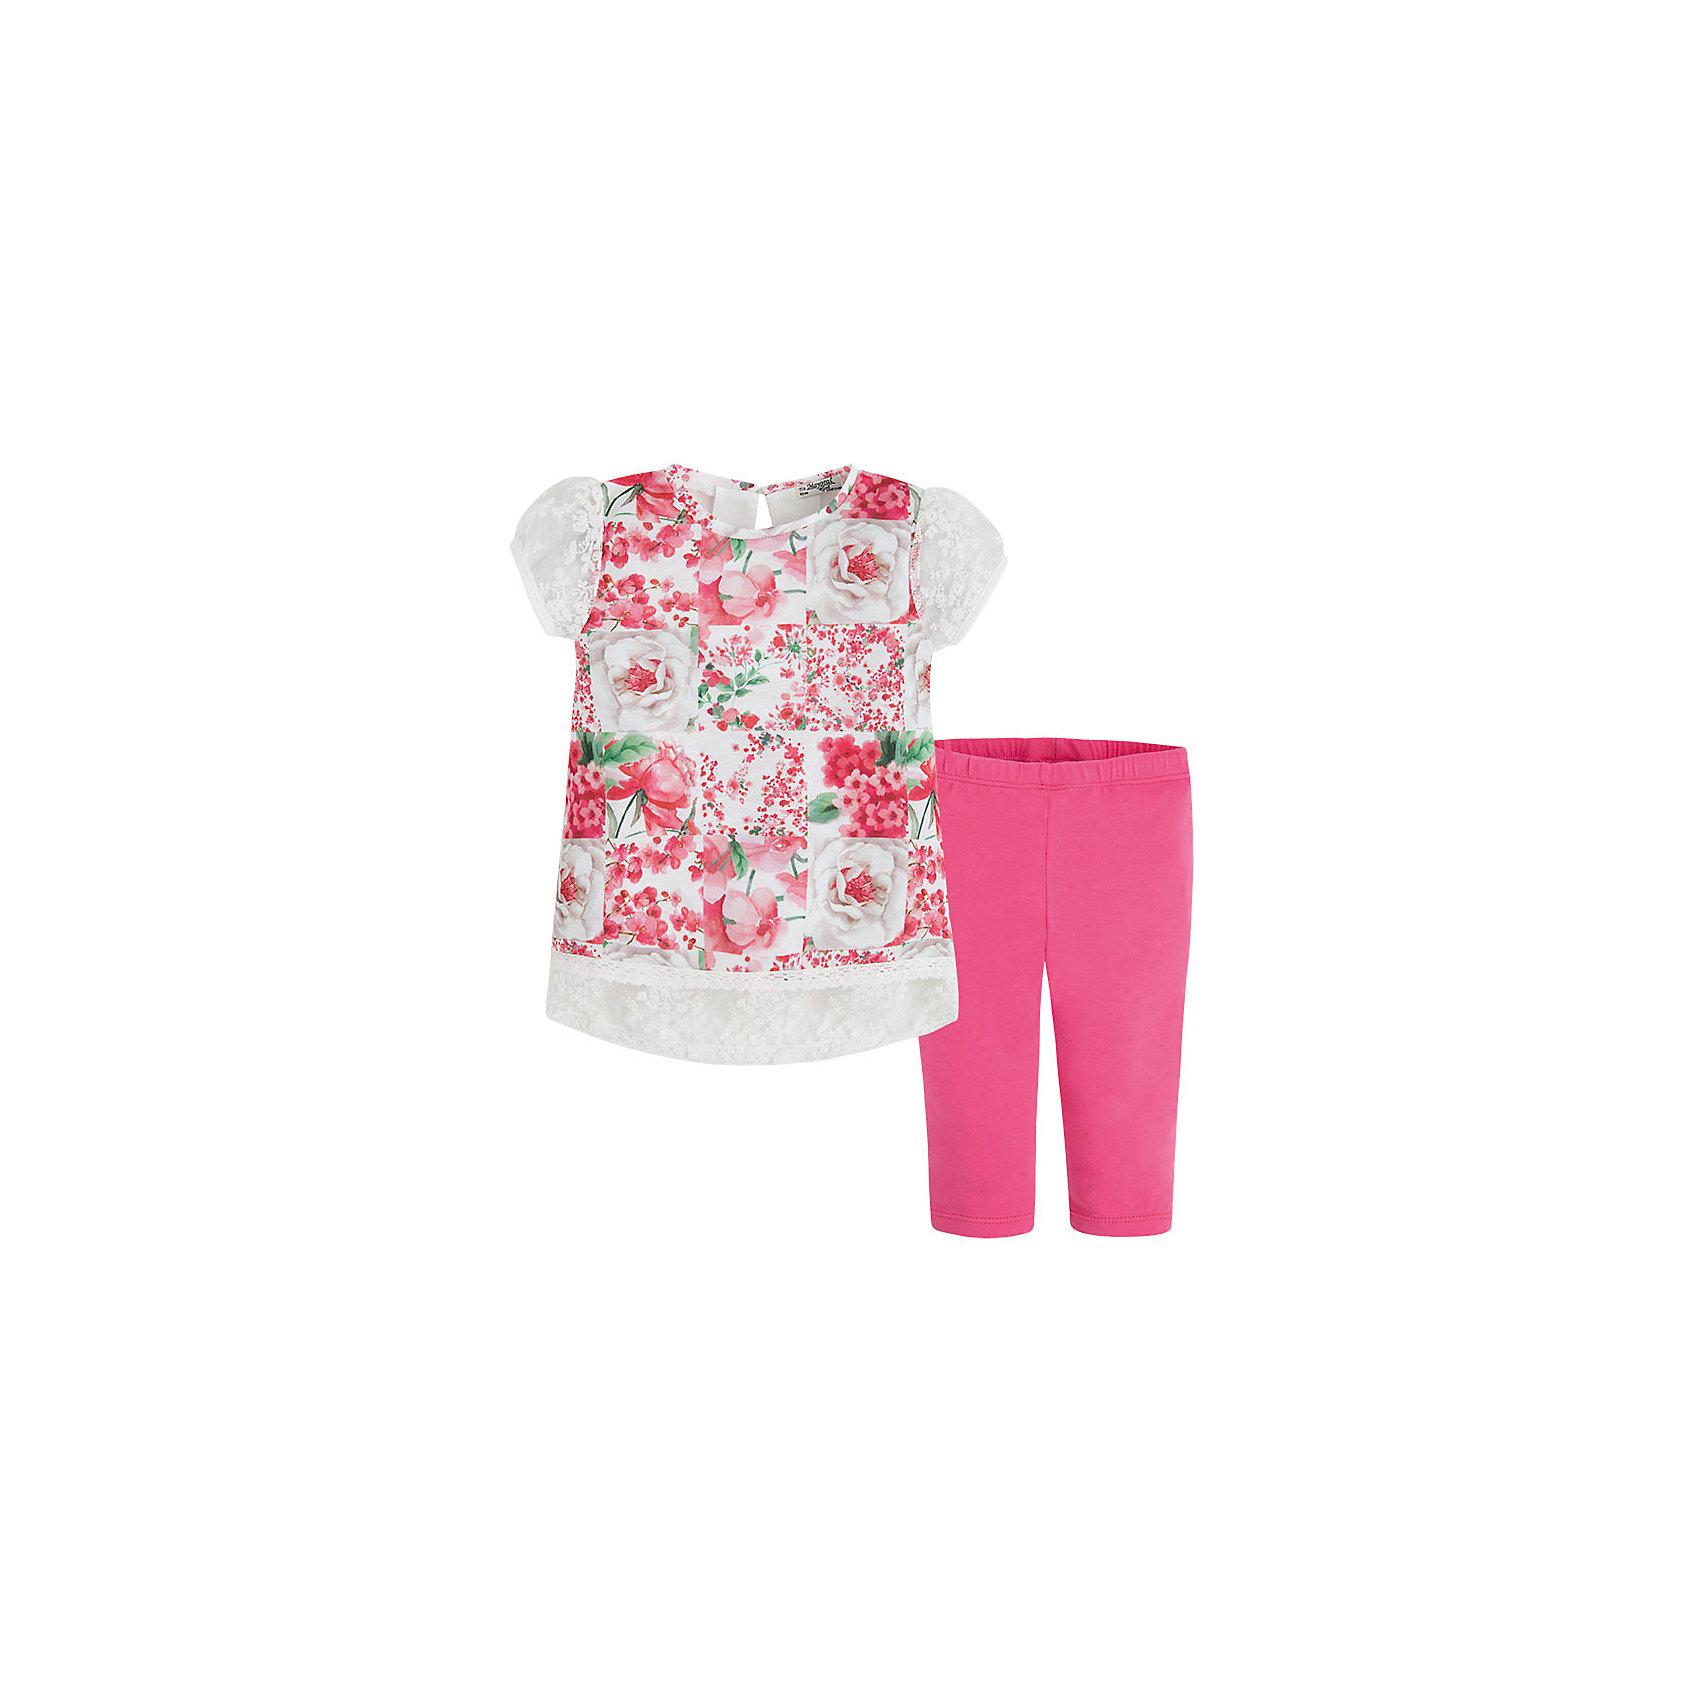 Комплект для девочки: леггинсы и футболка MayoralКомплект: леггинсы и футболка  для девочки от известной испанской марки Mayoral <br><br>Очень красивый комплект от Mayoral - отличный вариант летней одежды для девочек! Выглядит нарядно и оригинально. Модель выполнена из качественных материалов, отлично сидит по фигуре.<br><br>Особенности модели:<br><br>- цвет: белый, розовый;<br>- леггинсы -  однотонные, пояс на резинке;<br>- футболка украшена принтом и кружевами.<br><br>Дополнительная информация:<br><br>Состав: 100% полиэстер<br><br>Комплект: леггинсы и футболка для девочки Mayoral (Майорал) можно купить в нашем магазине.<br><br>Ширина мм: 123<br>Глубина мм: 10<br>Высота мм: 149<br>Вес г: 209<br>Цвет: розовый<br>Возраст от месяцев: 24<br>Возраст до месяцев: 36<br>Пол: Женский<br>Возраст: Детский<br>Размер: 98,104,110,116,122,128,134<br>SKU: 4542836